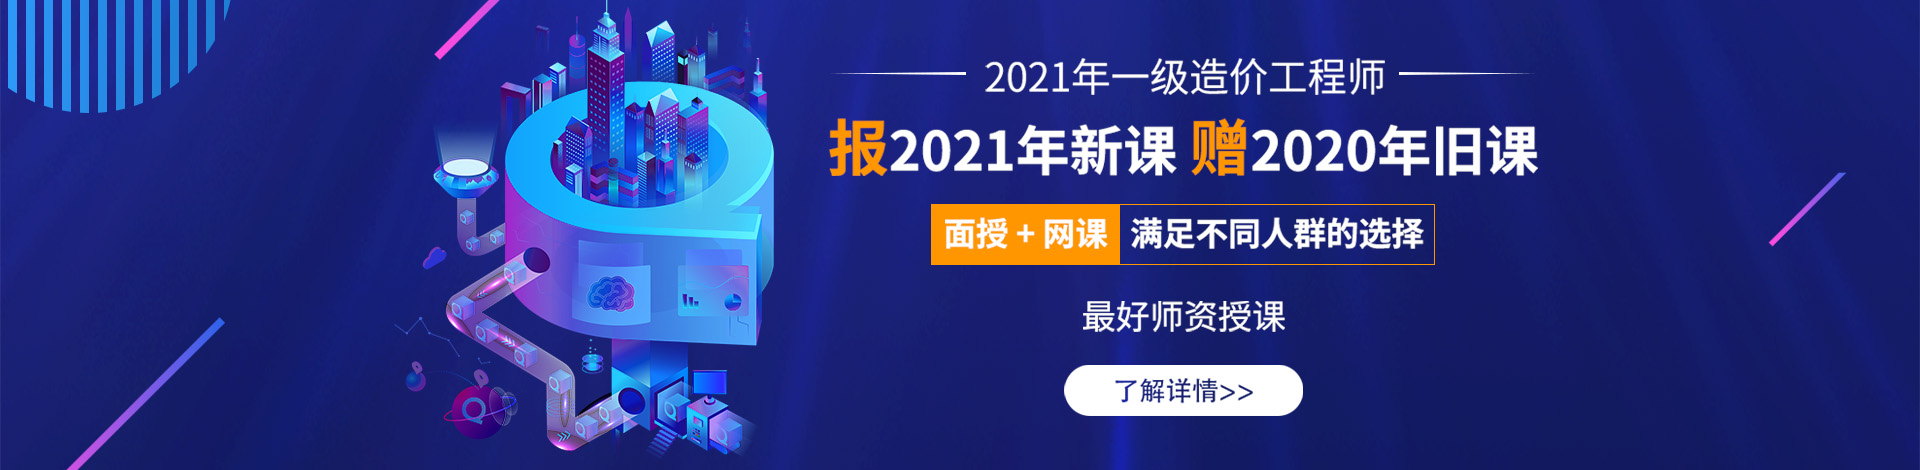 2021年宁夏一级造价师证书含金量多大,考下来后有用吗?